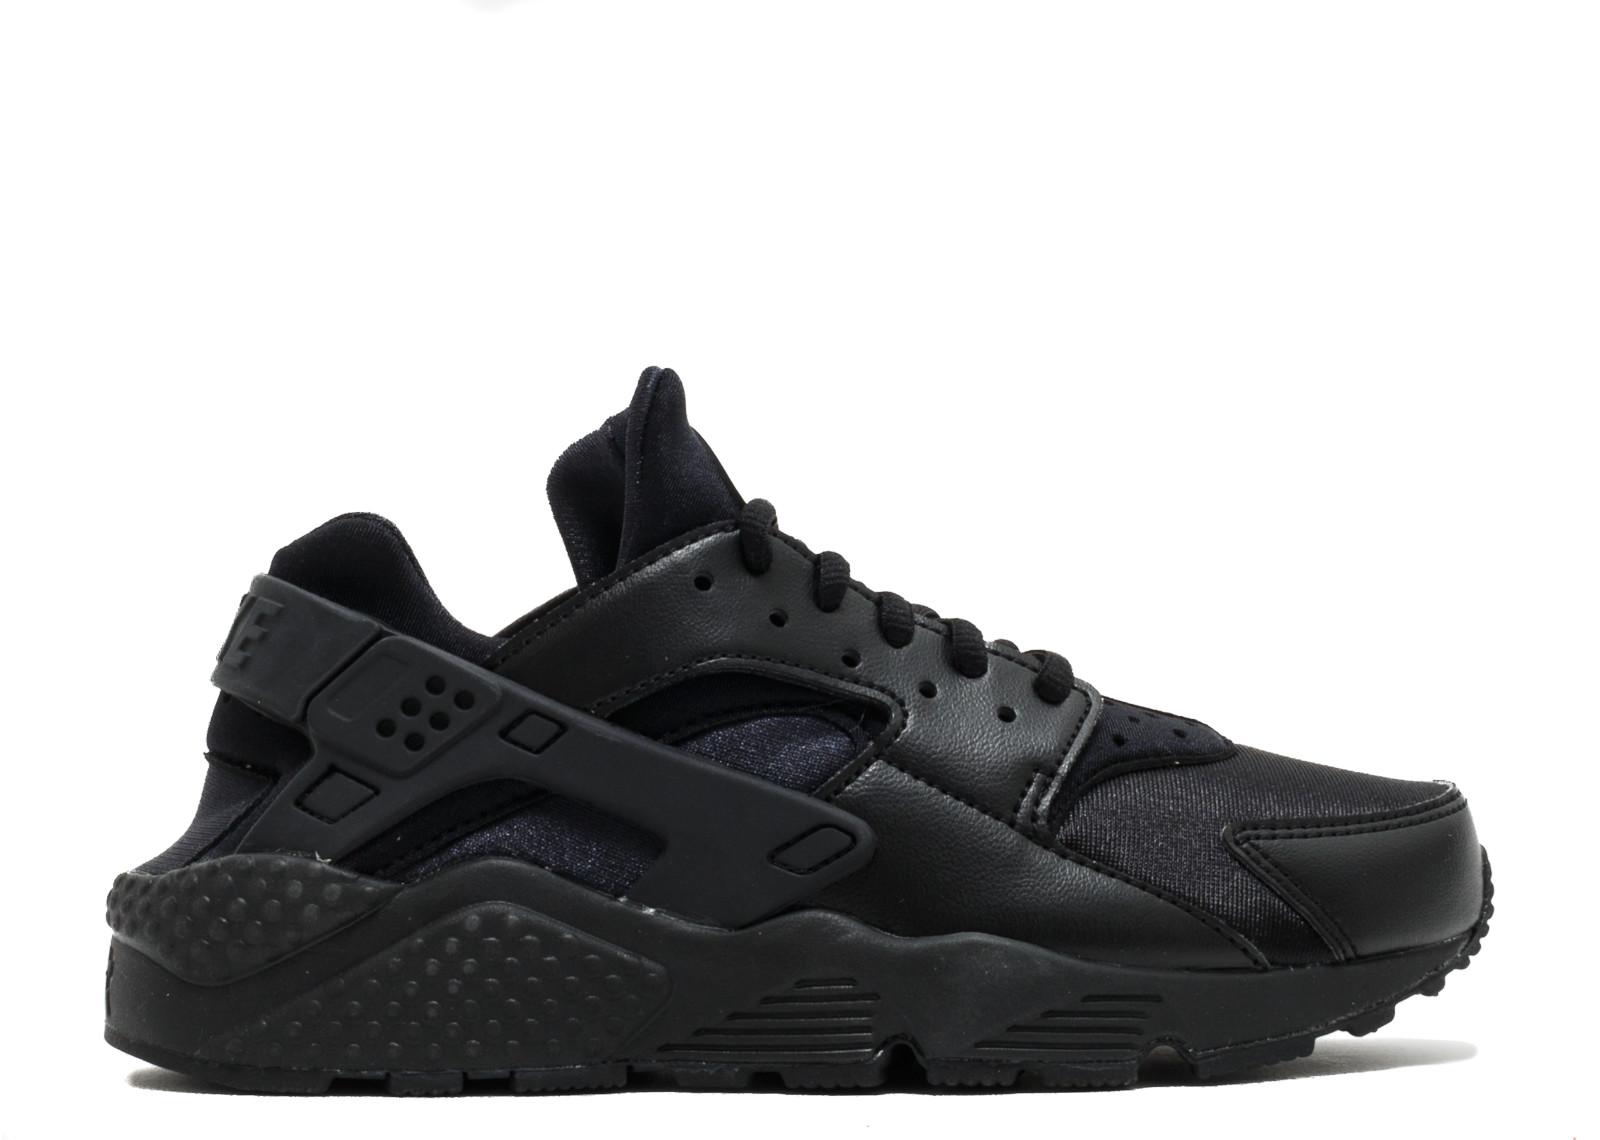 ナイキ エアー ハラチ ラン W'S メンズ 男性用 メンズ靴 スニーカー 靴 【 NIKE AIR HUARACHE RUN BLACK 】